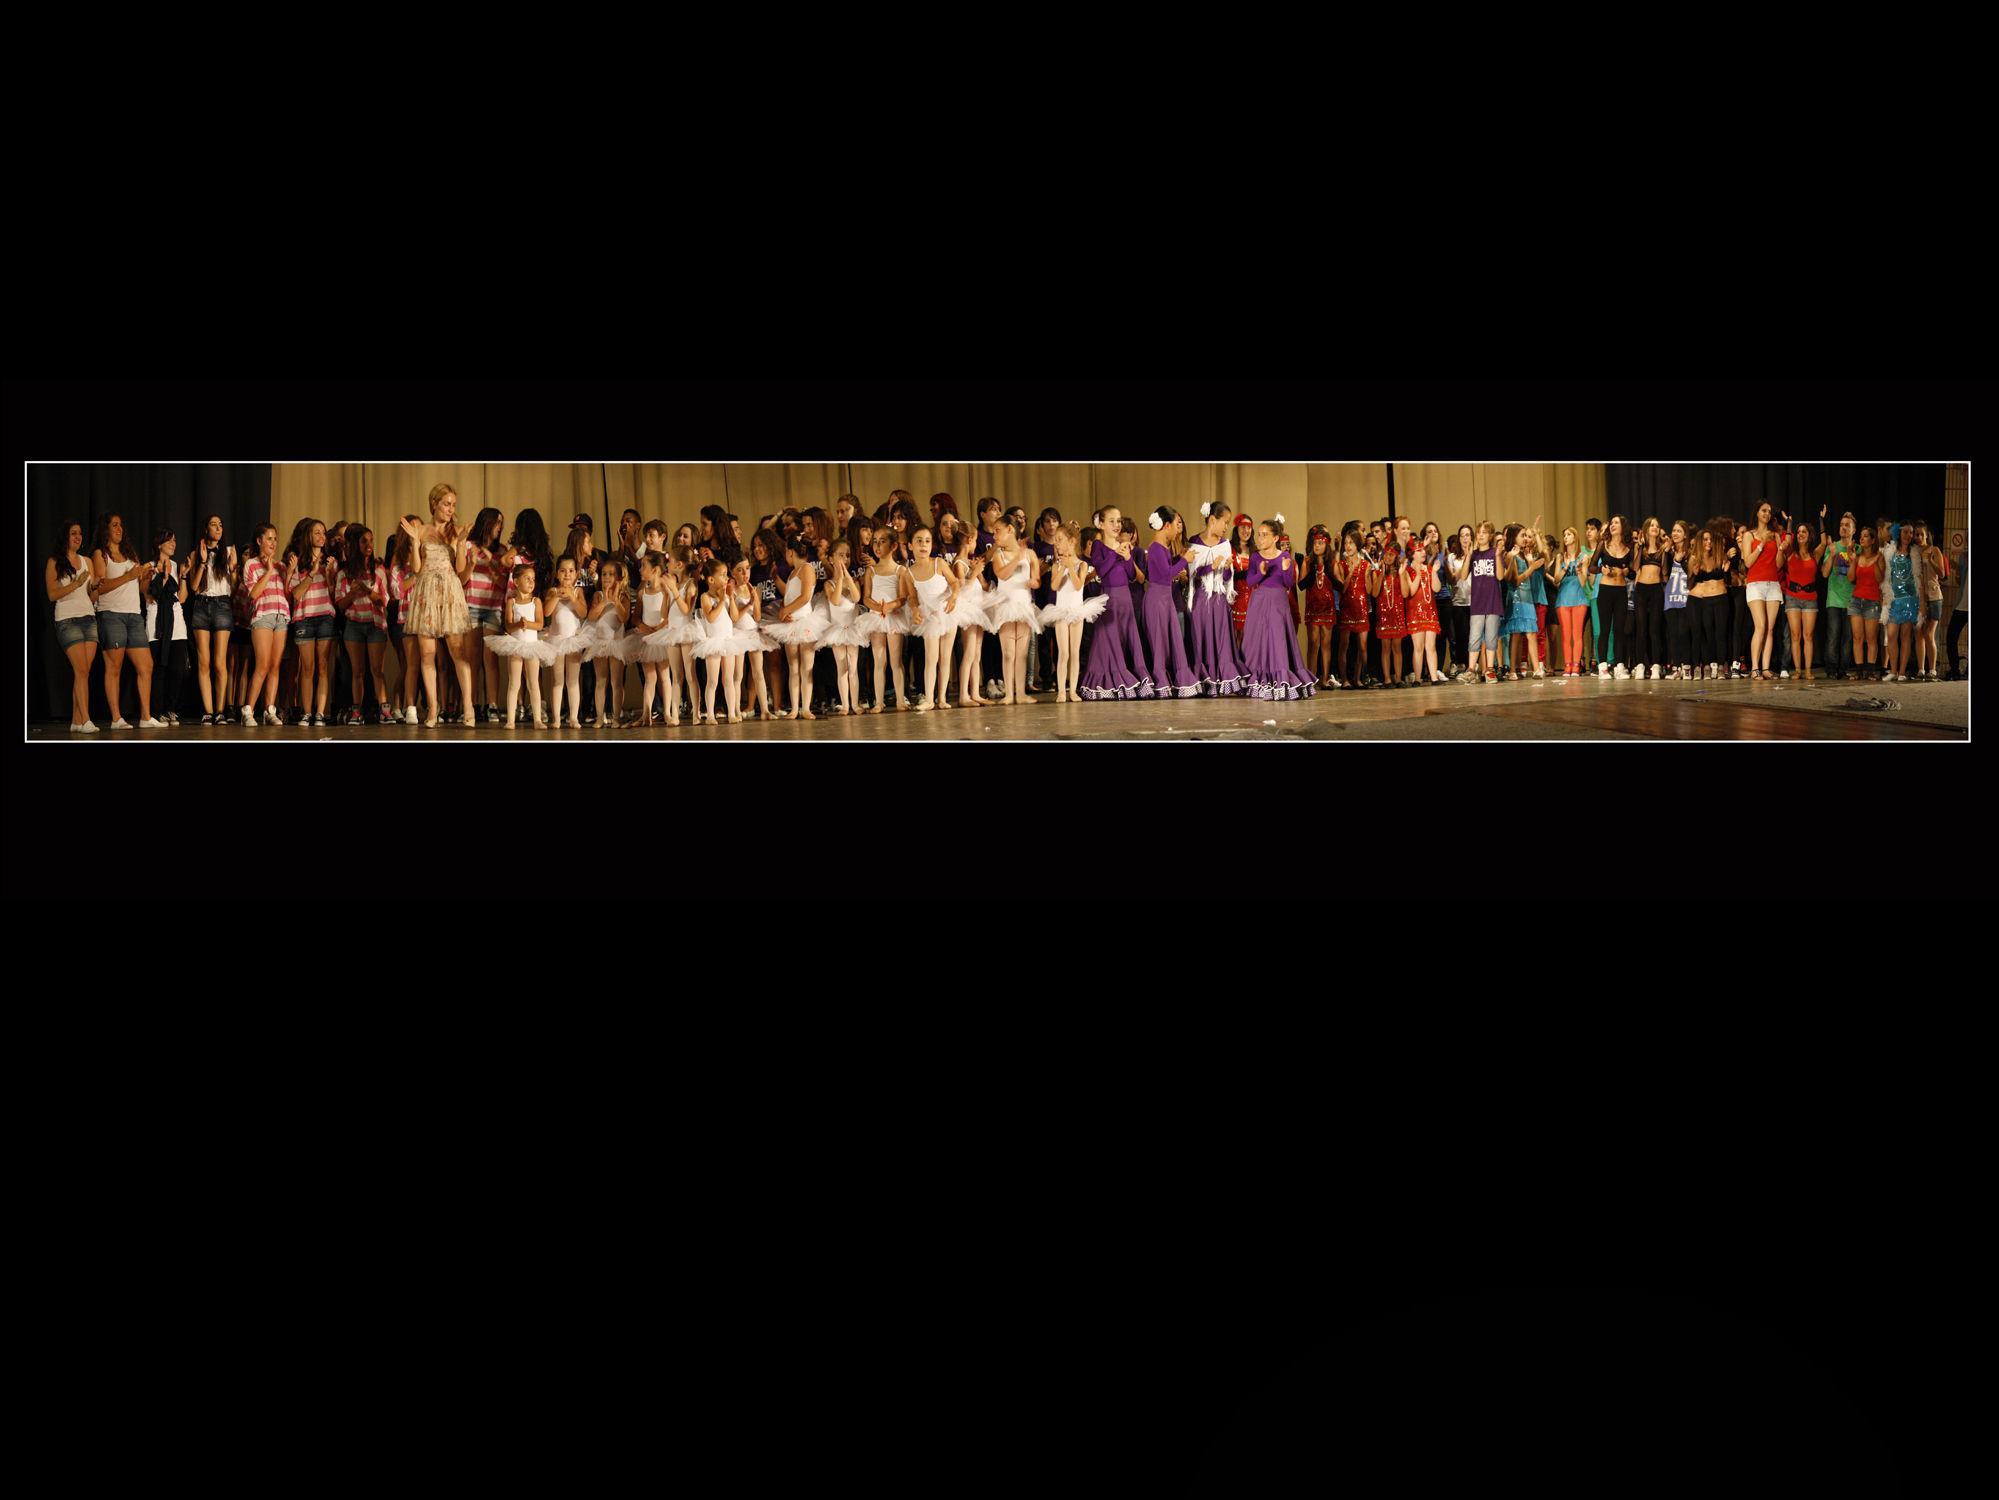 DANCE CENTER VALENCIA CLASES DE BAILE